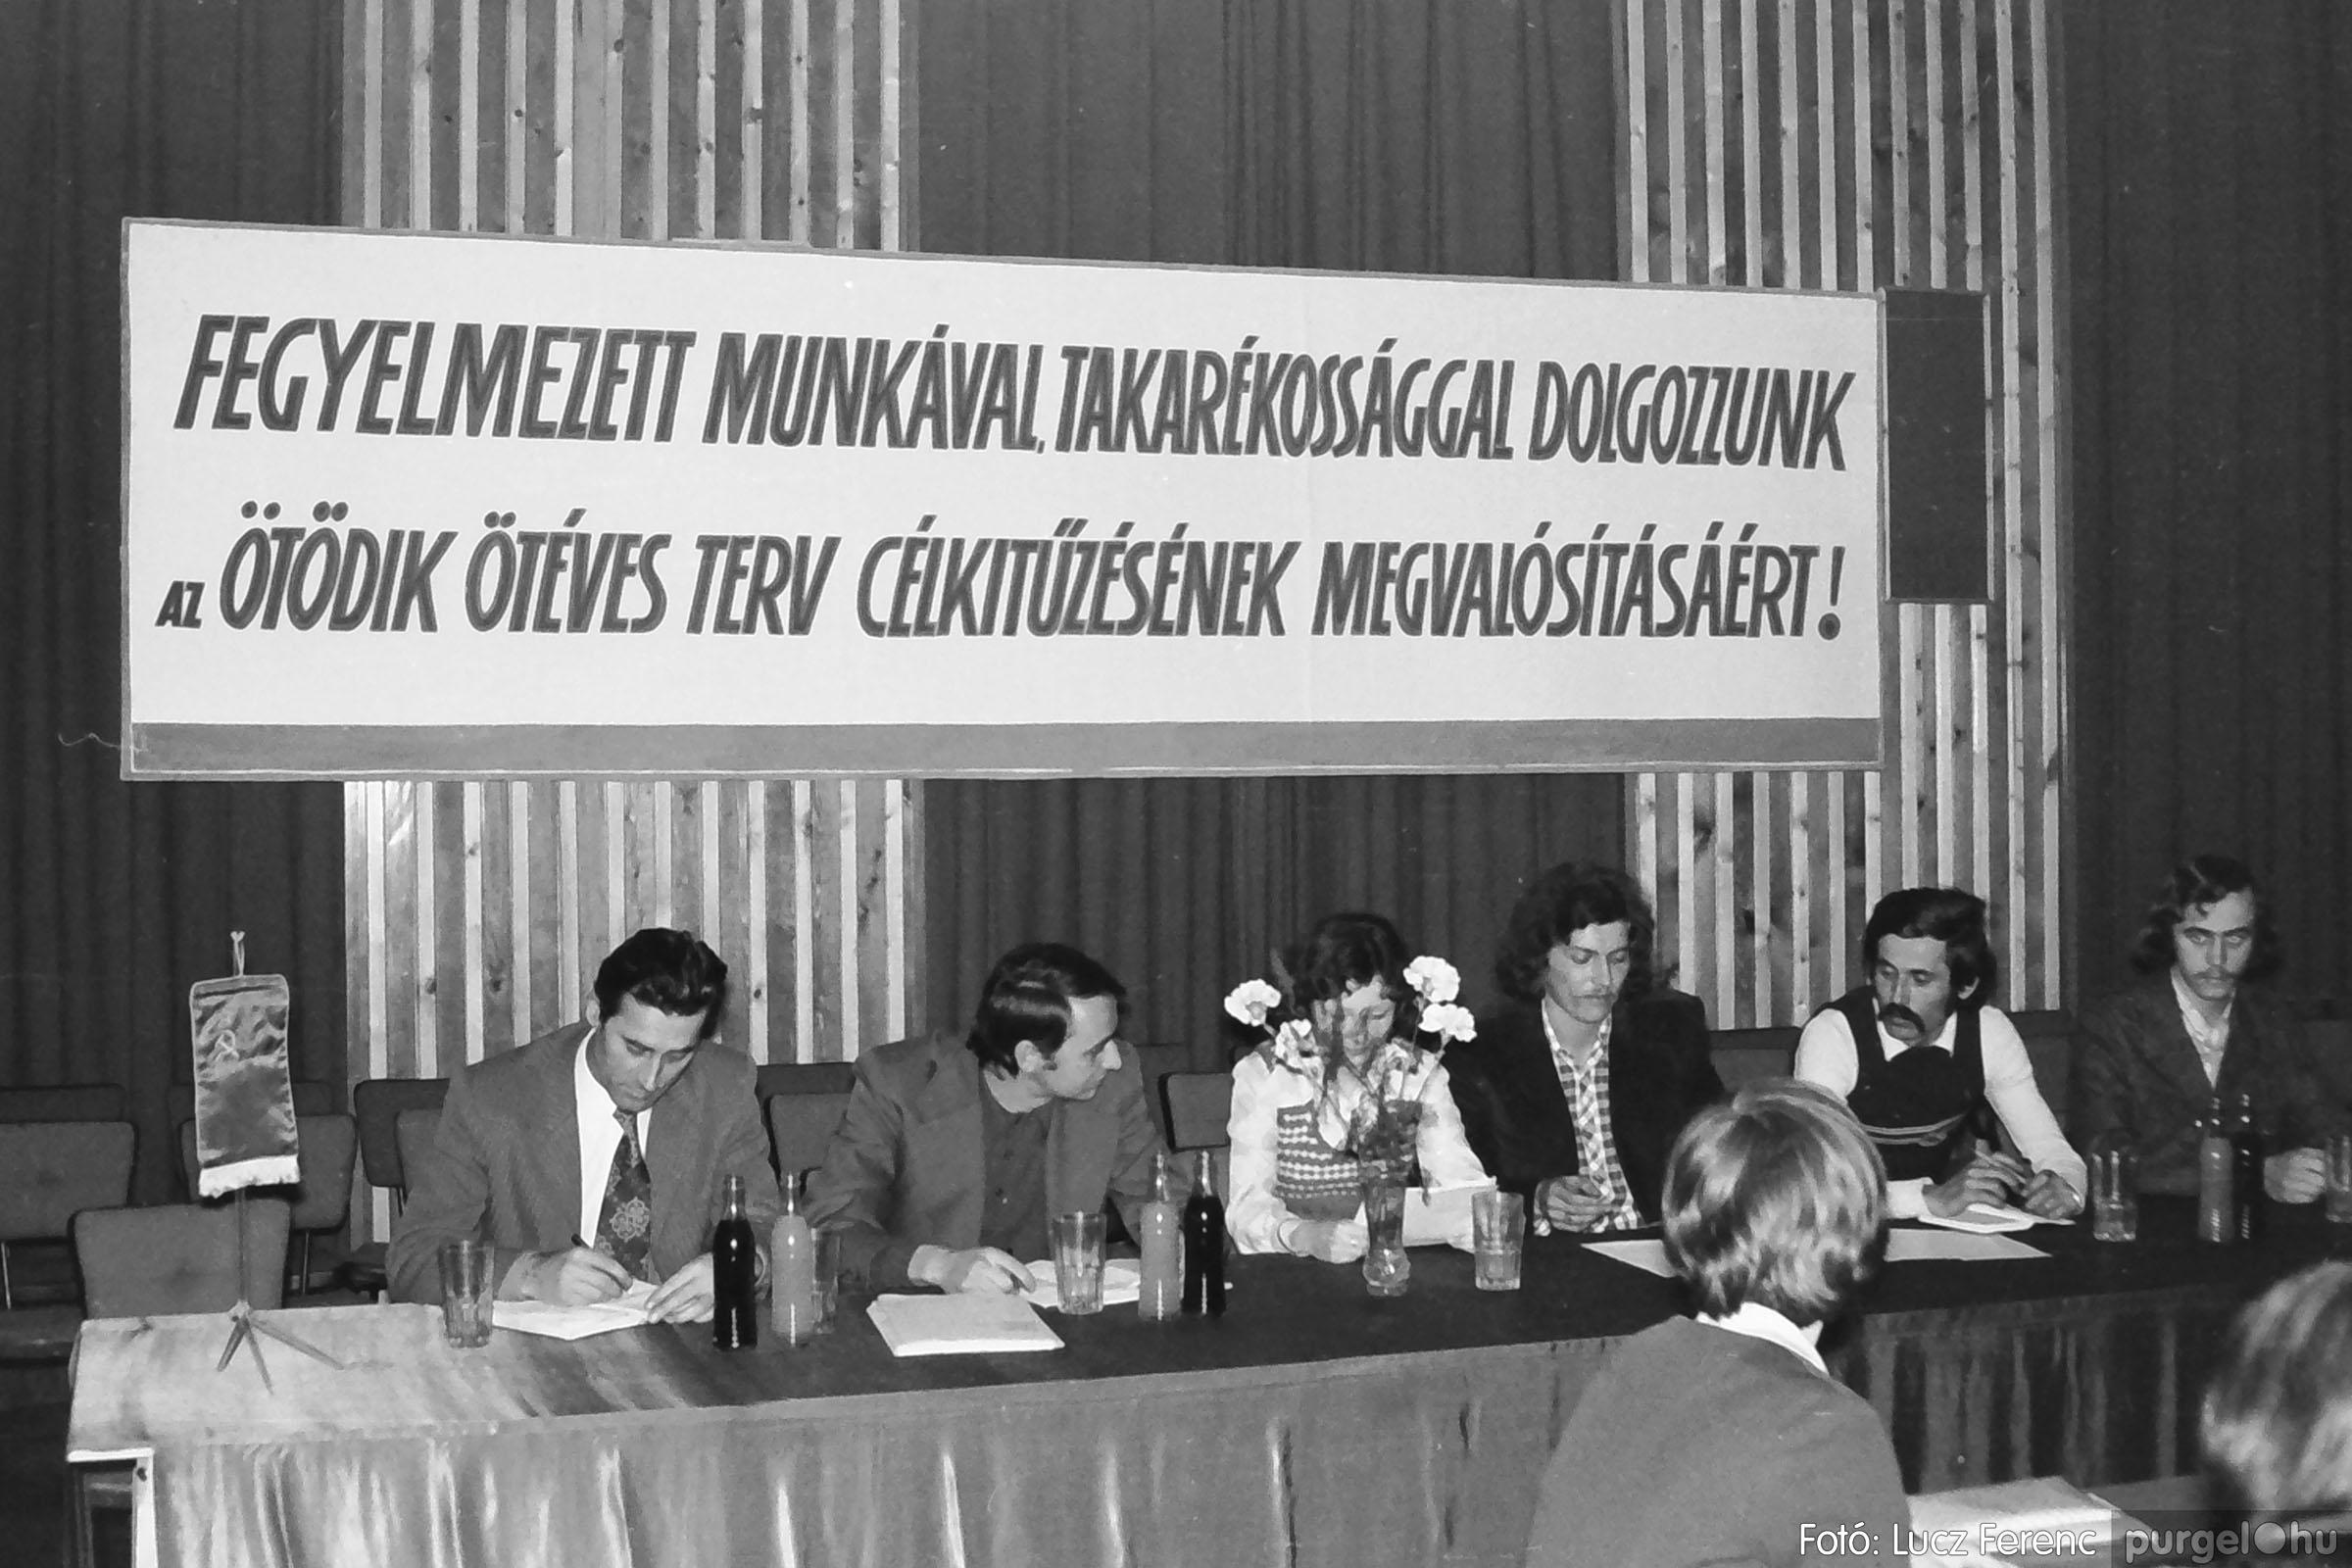 037. 1976. Az ötödik ötéves tervért... 001 - Fotó: Lucz Ferenc.jpg